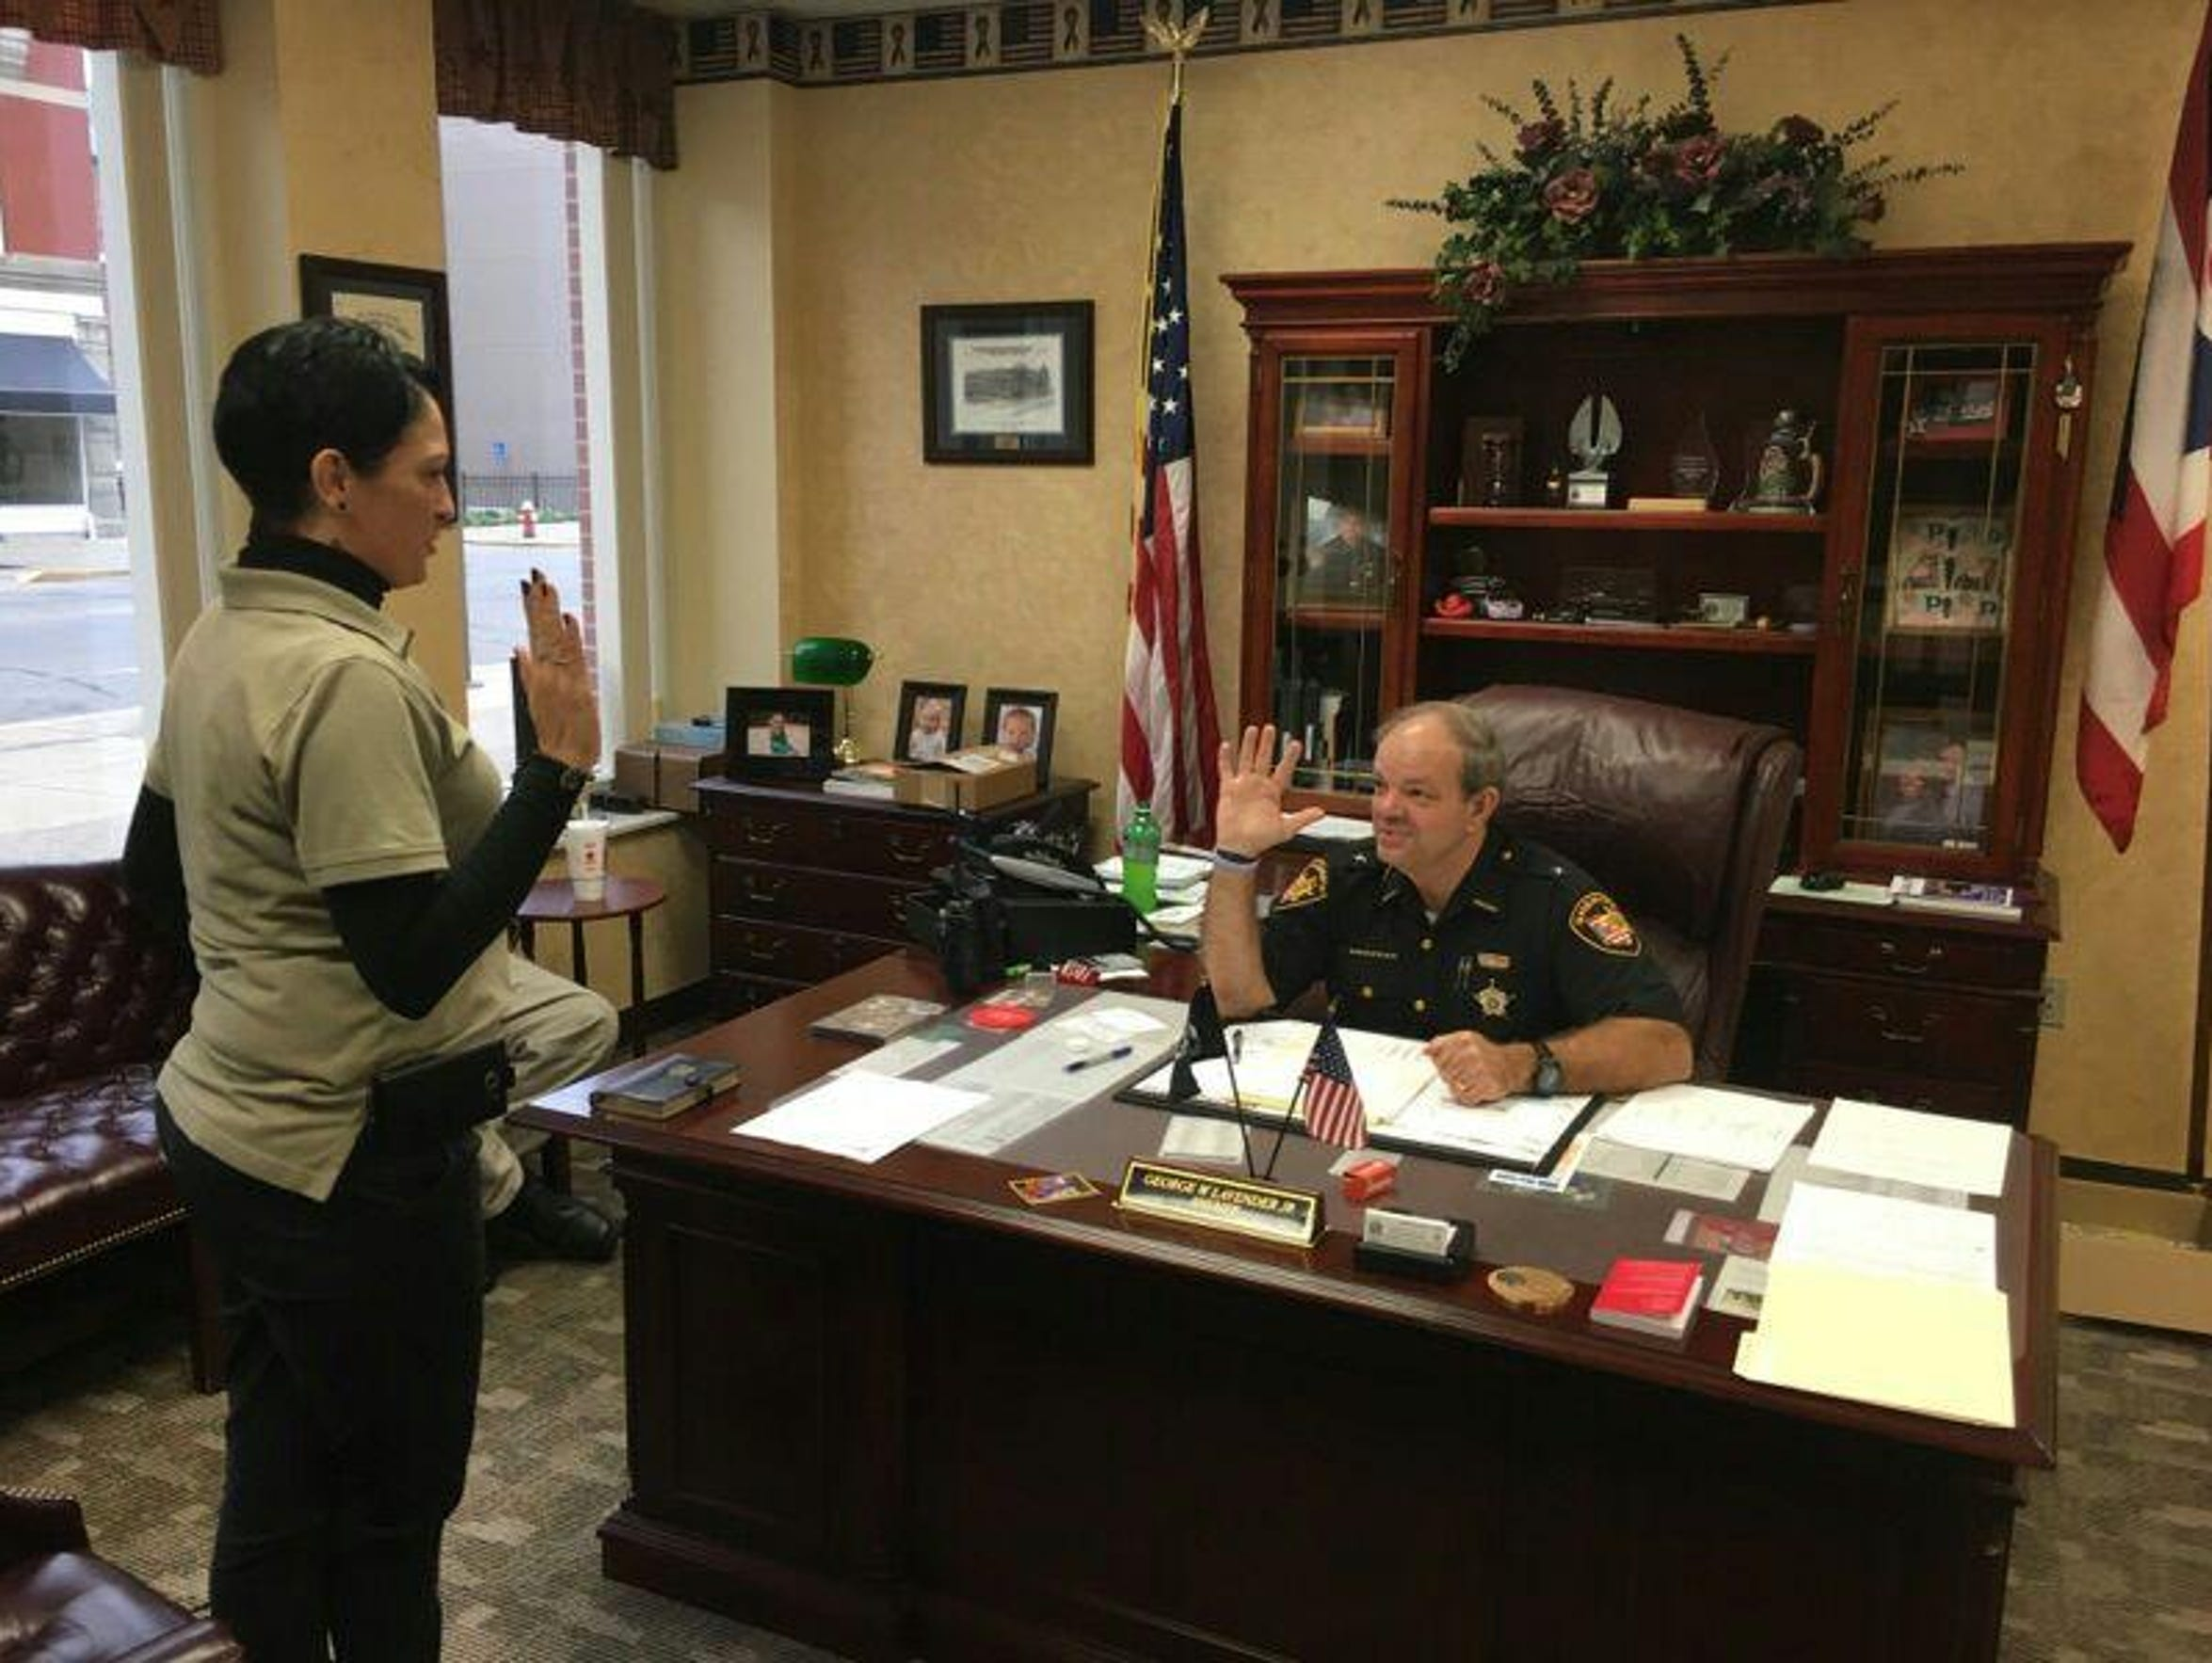 Brandy Morris-Hafner is sworn in as the administrator